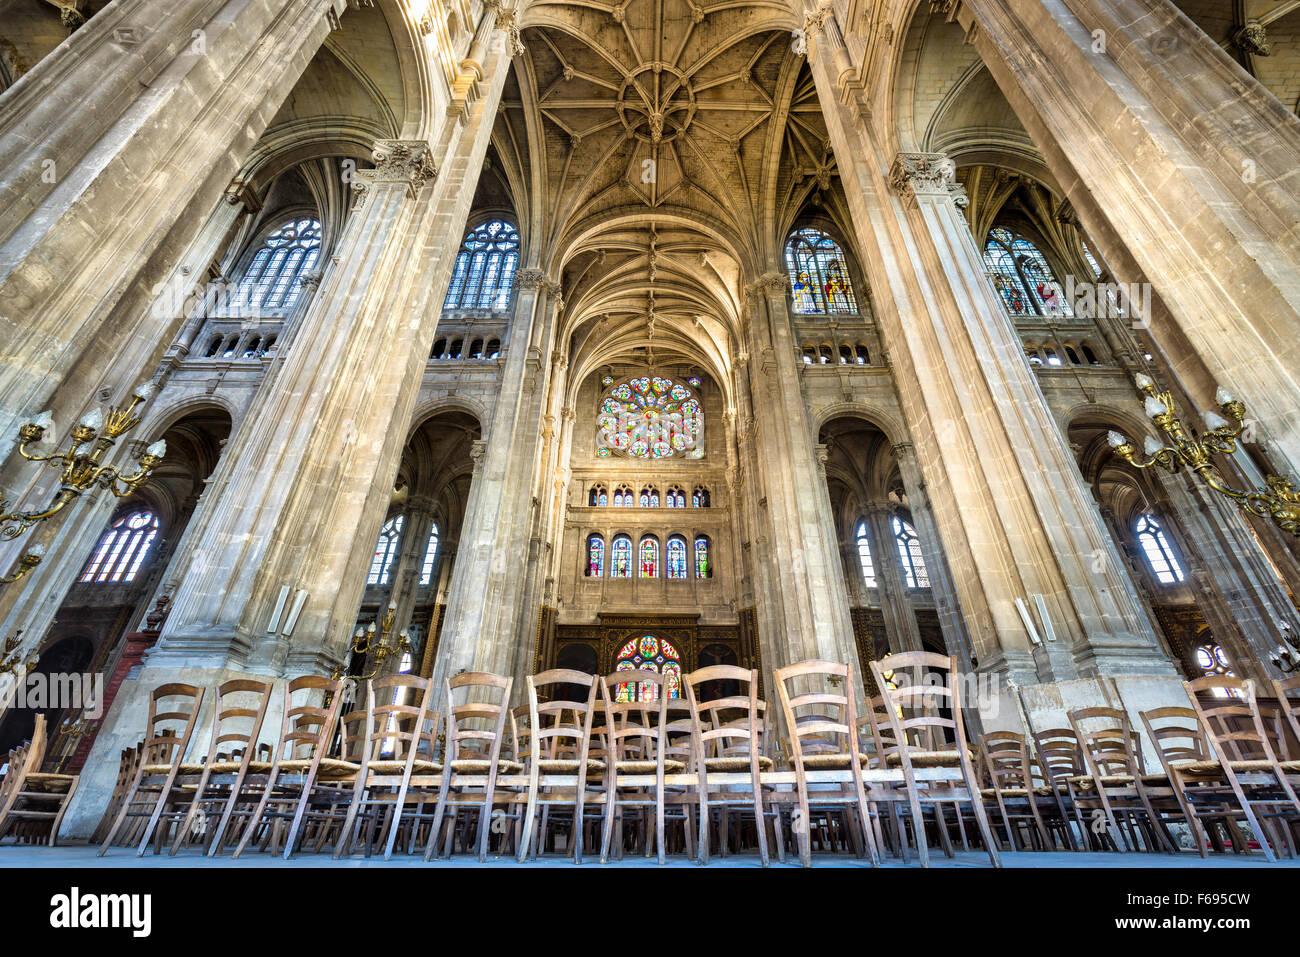 Crucero con bóvedas de crucería, la iglesia de Saint Eustache, un ejemplo de la arquitectura gótica Imagen De Stock